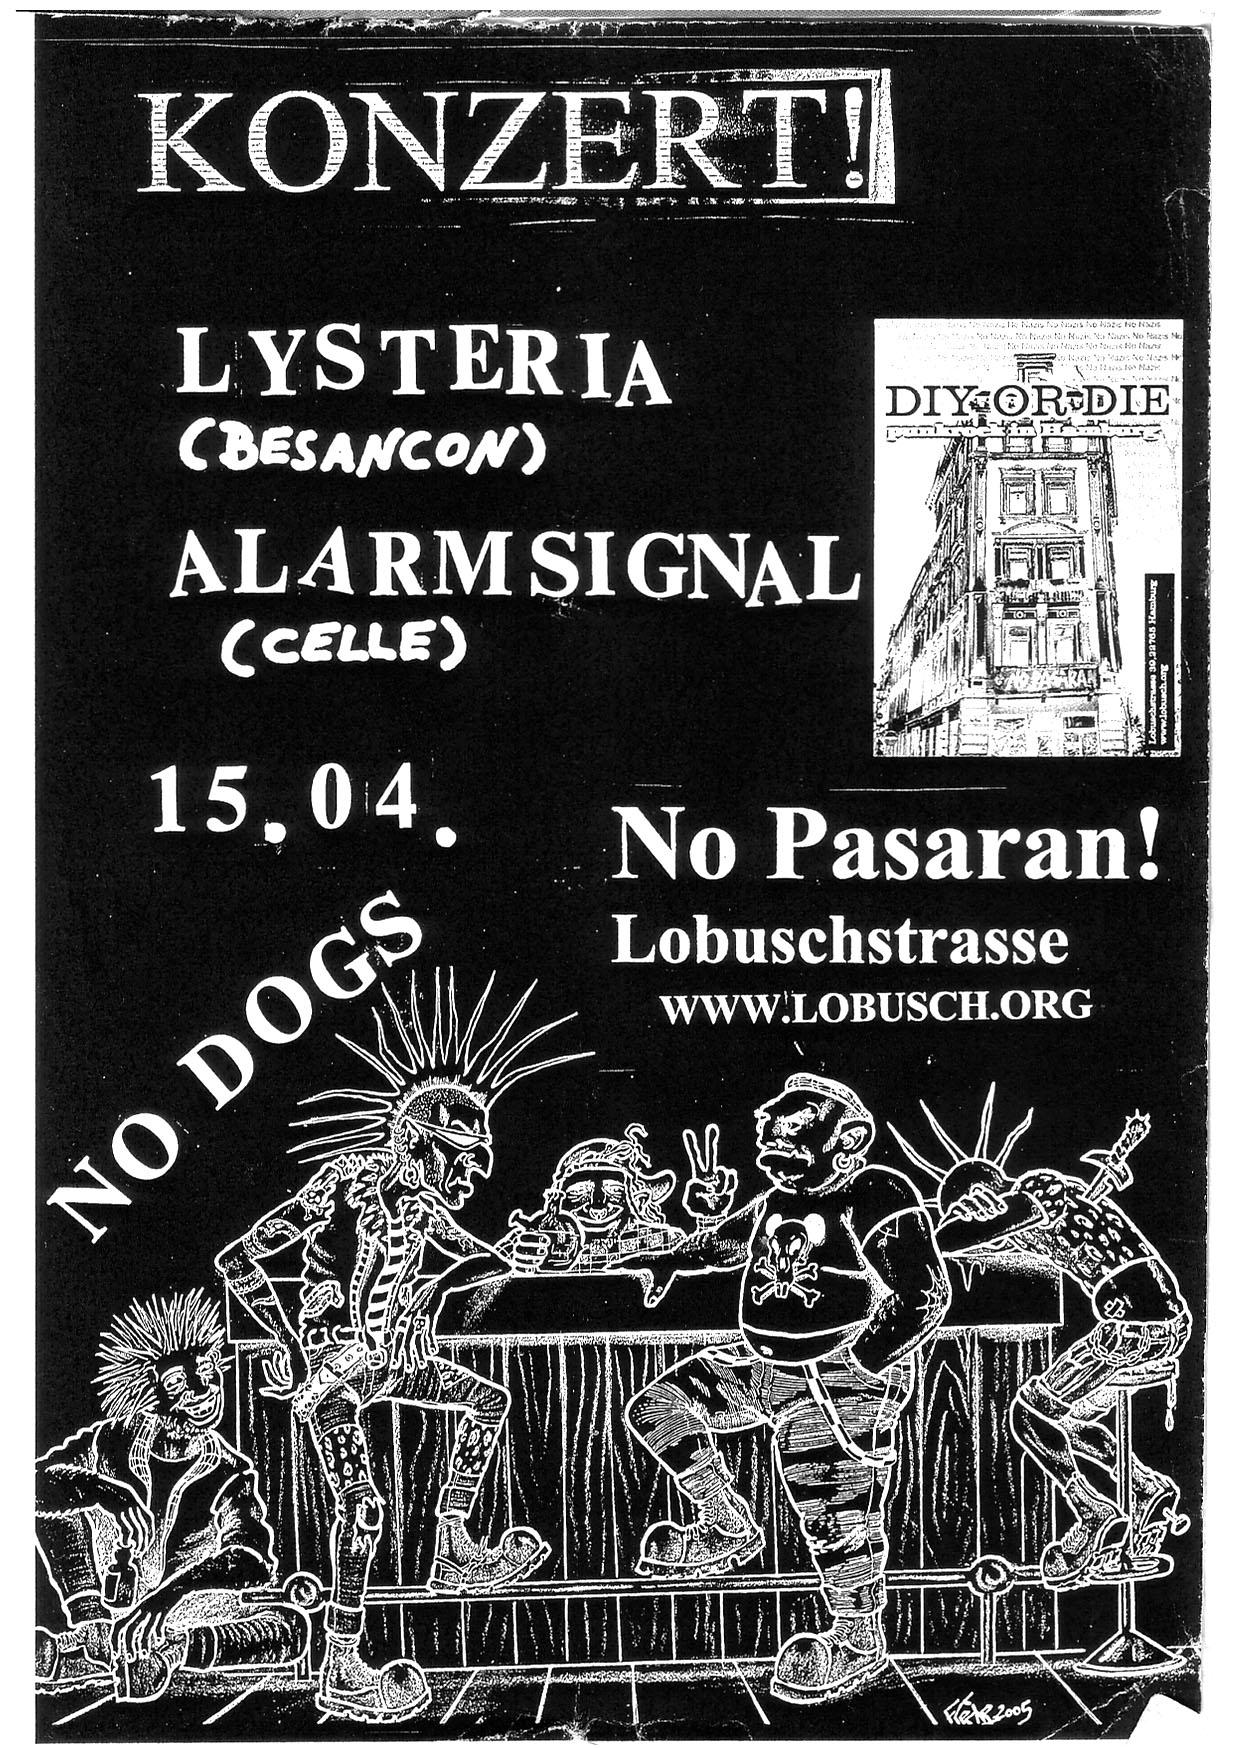 Flyer vom 15.04.2005